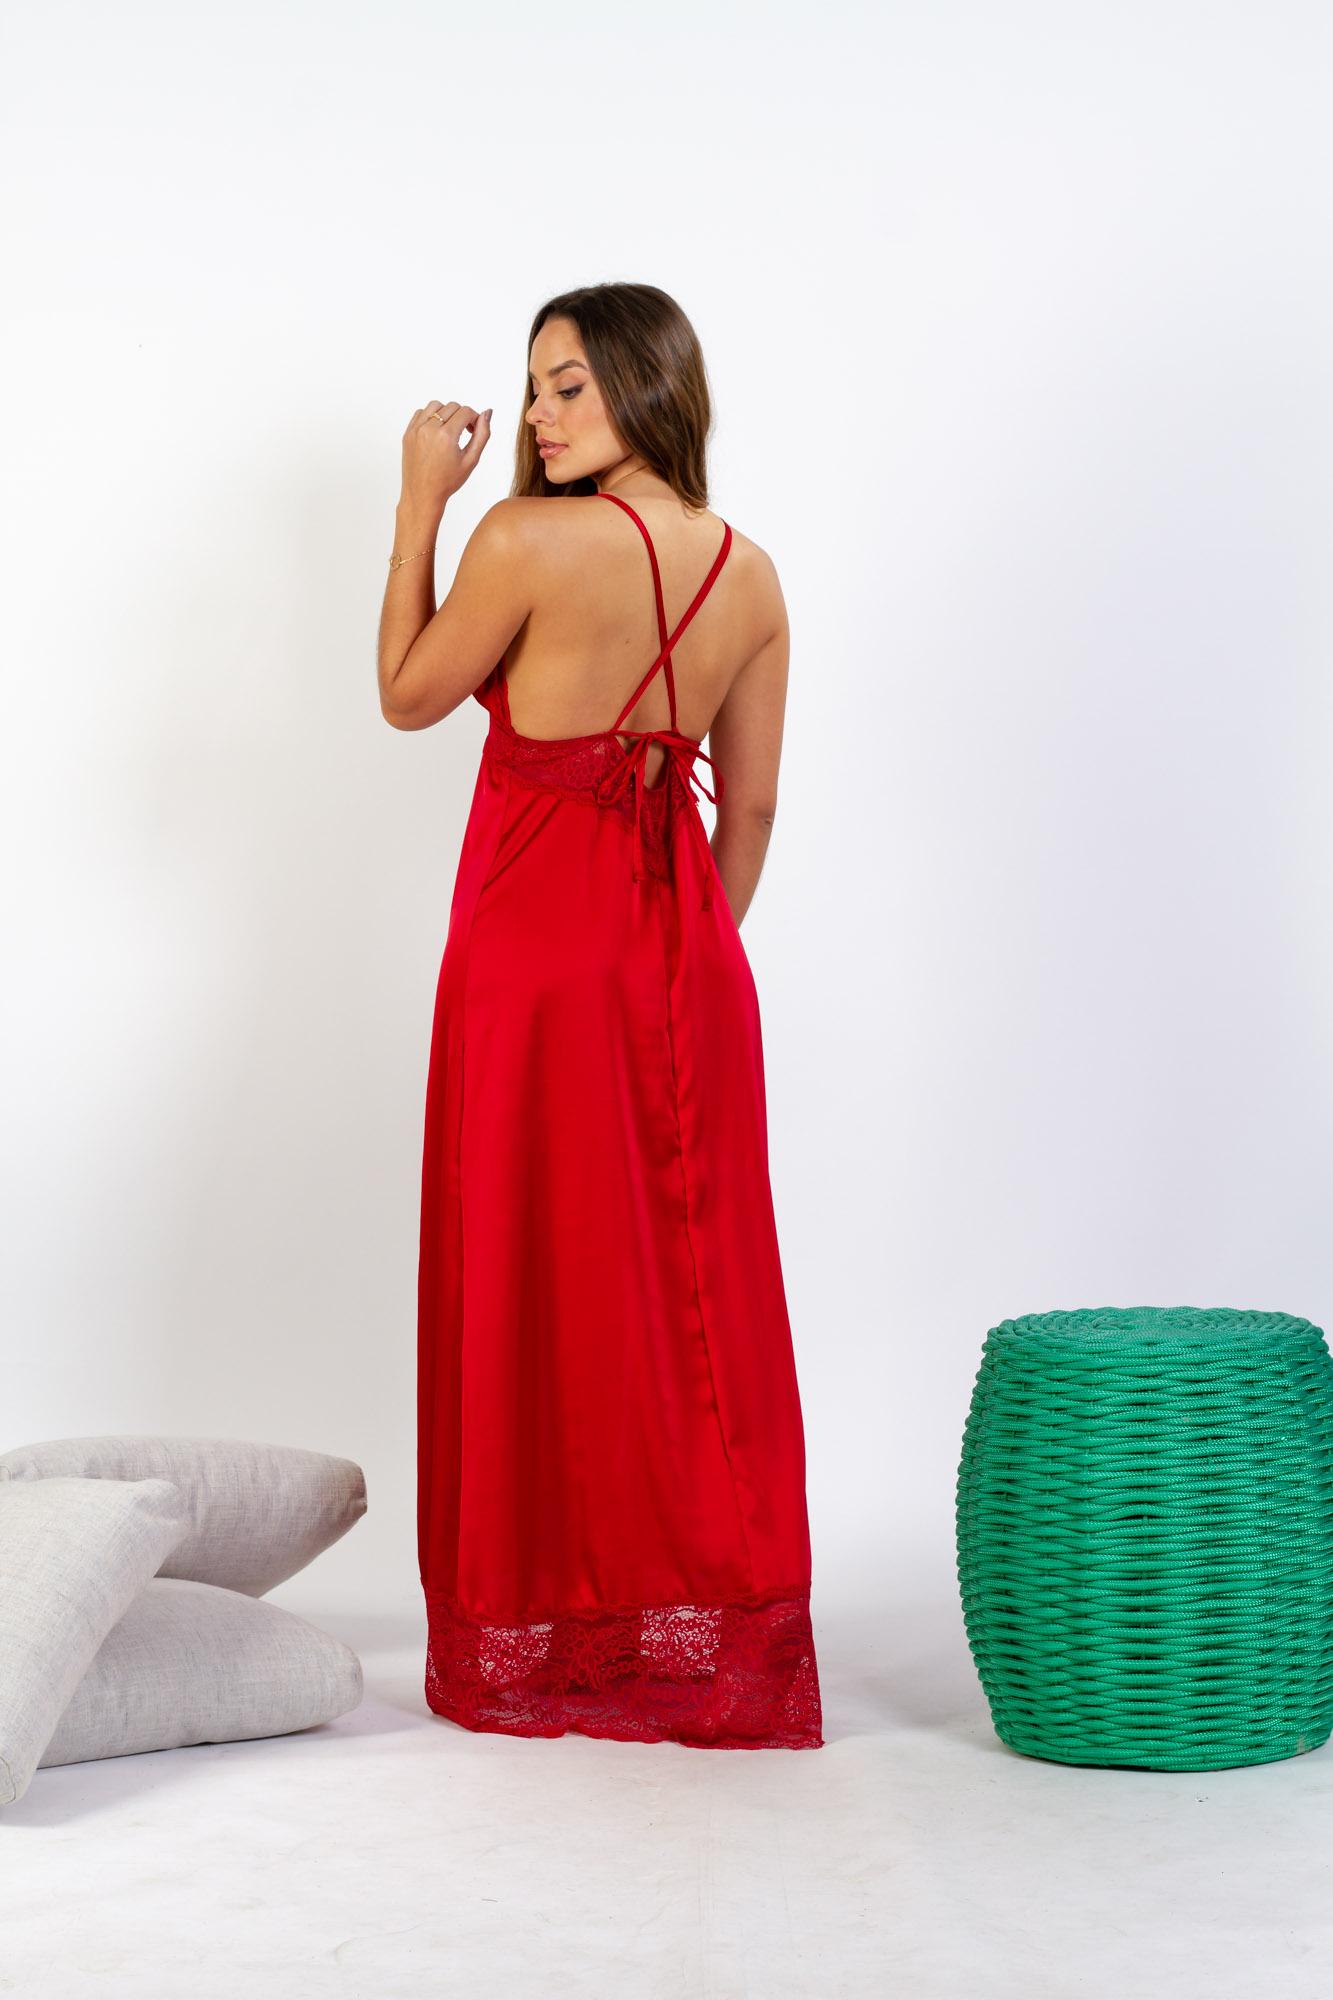 Camisola longa em cetim com detalhes em renda e fenda lateral - Divino